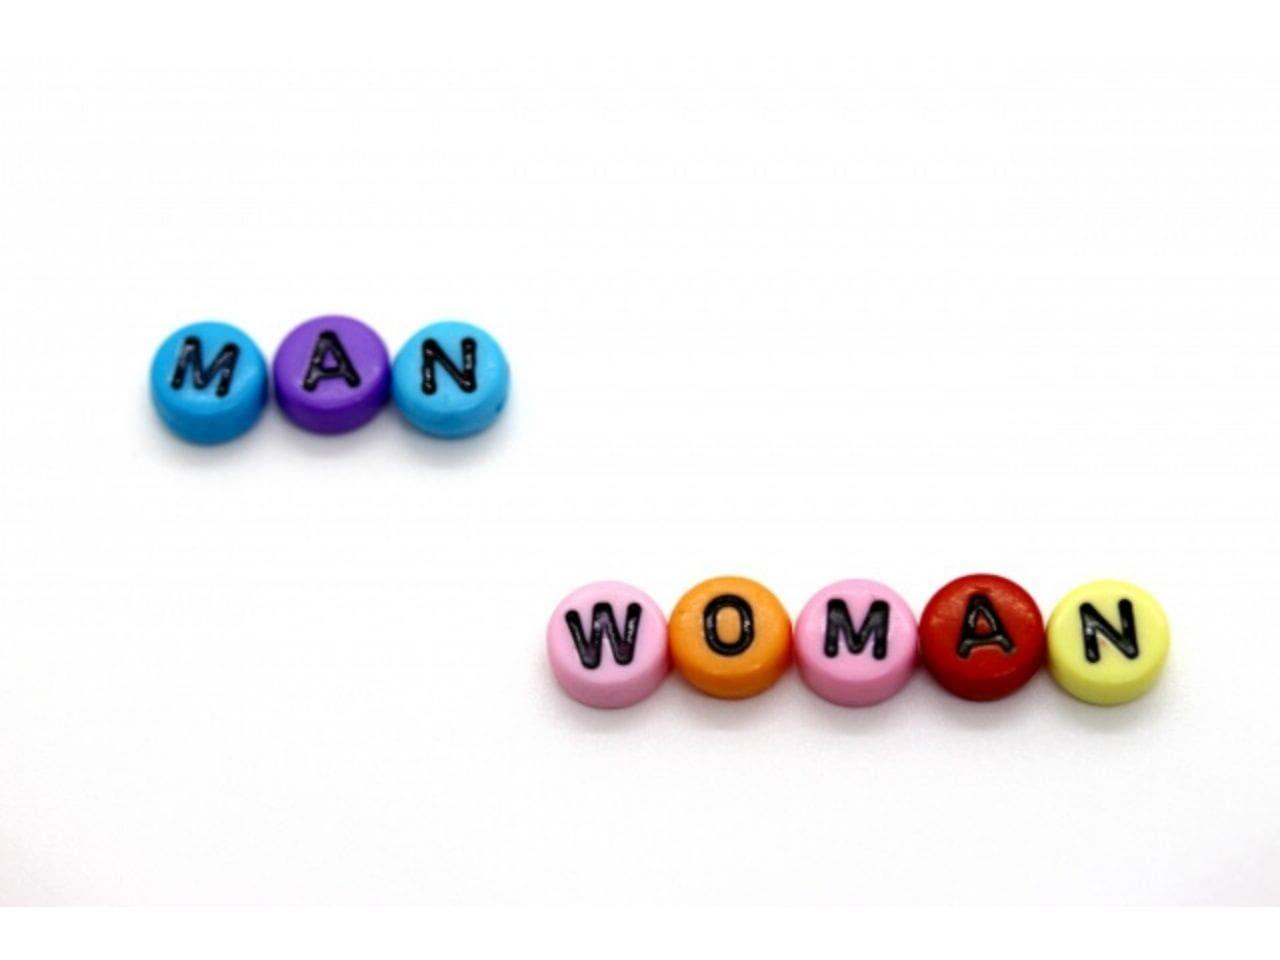 MANとWOMANと書かれた円